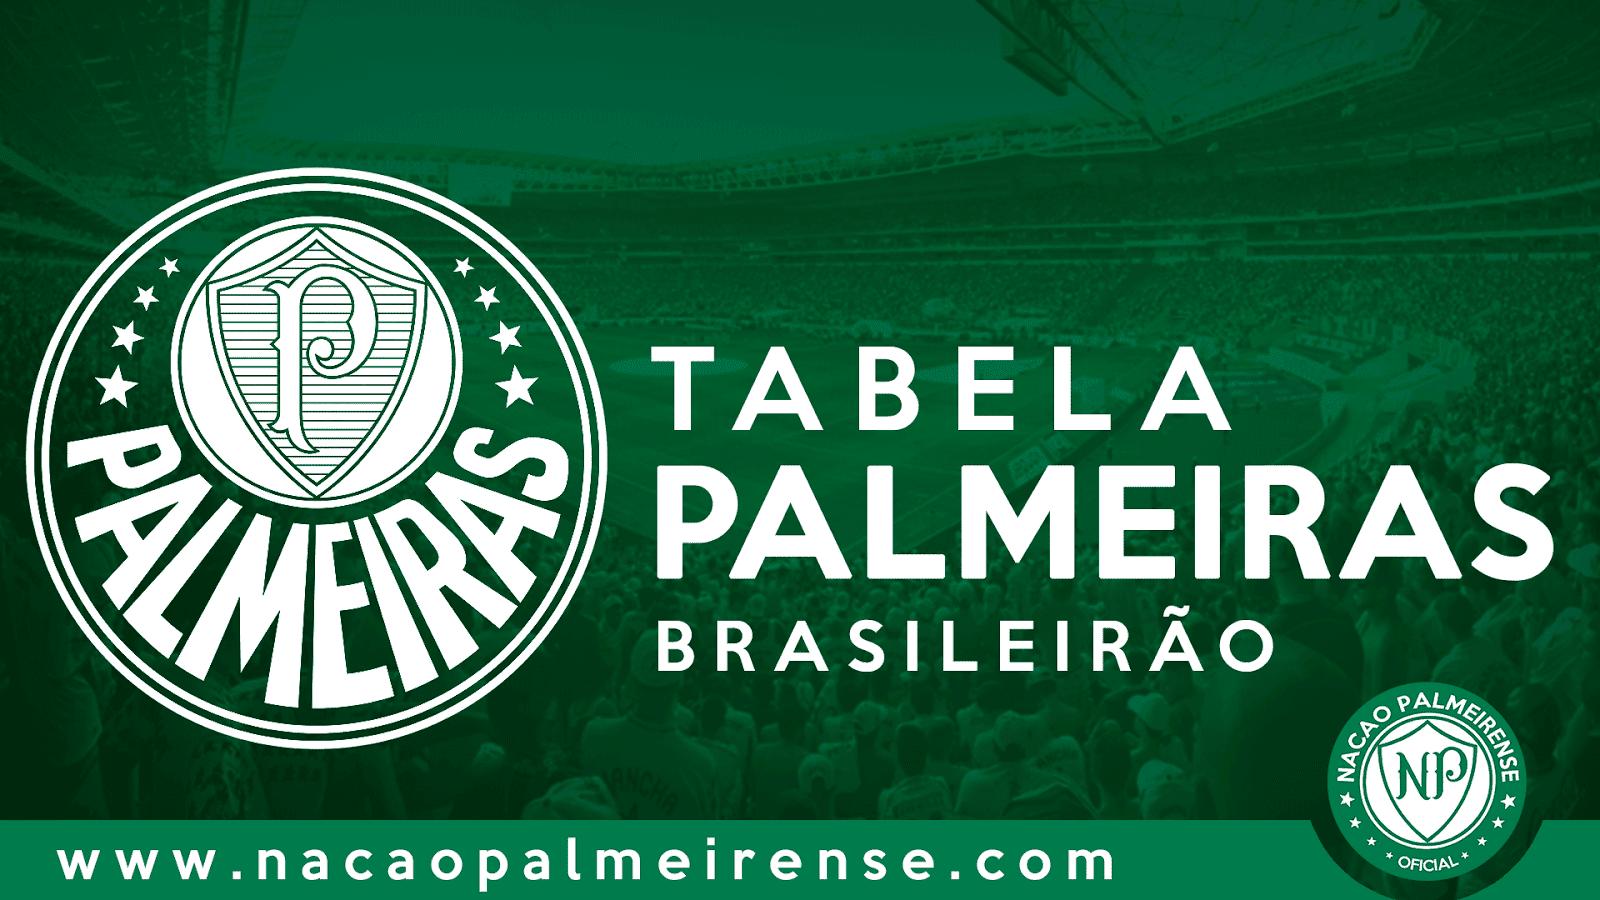 tabela brasileiro palmeiras